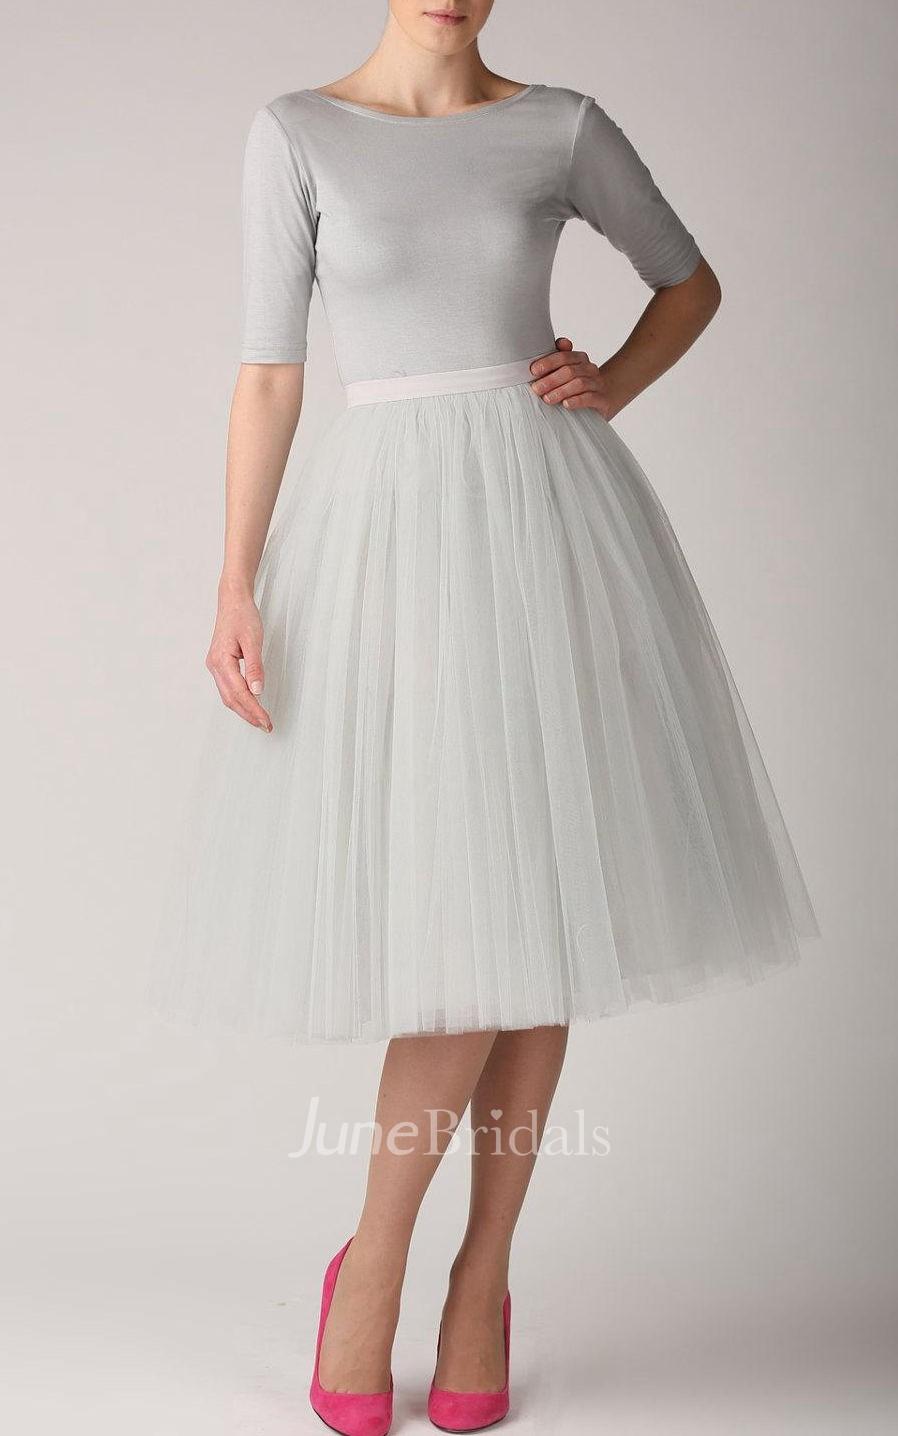 Grey pearl tutu skirt tulle tea length dress june bridals for Tea length tulle skirt wedding dress